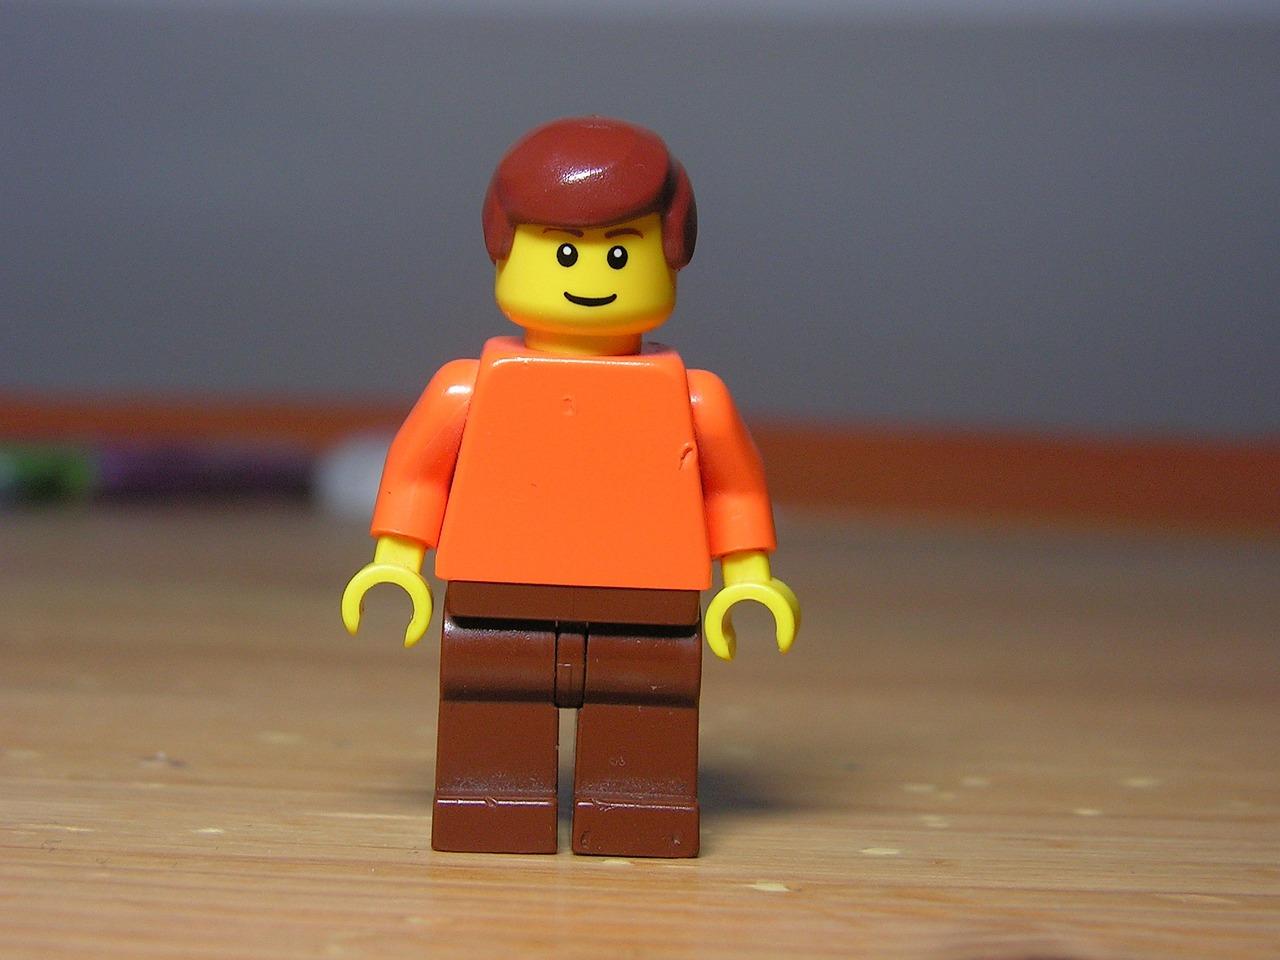 lego-nudist